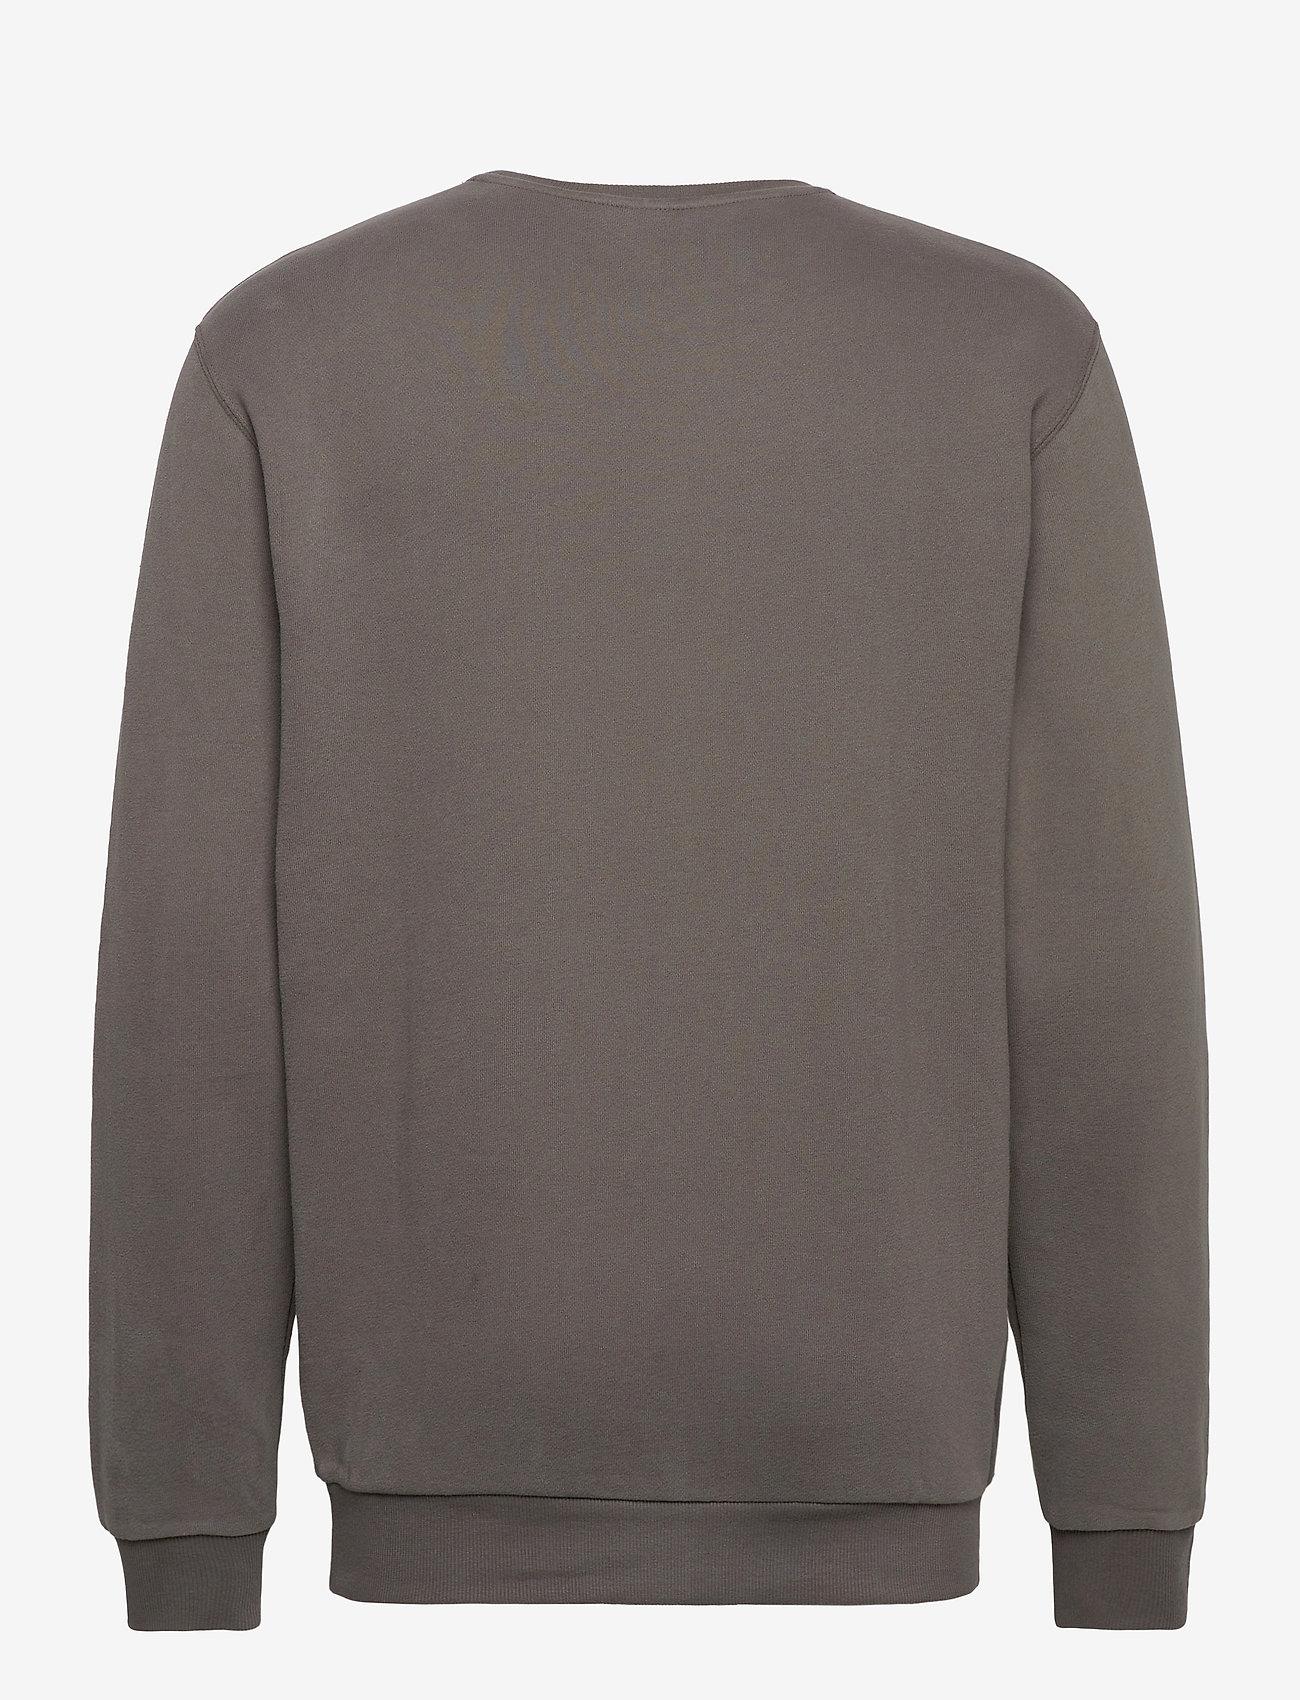 Ellesse EL DIVERIA SWEATSHIRT - Sweatshirts DARK GREY - Menn Klær